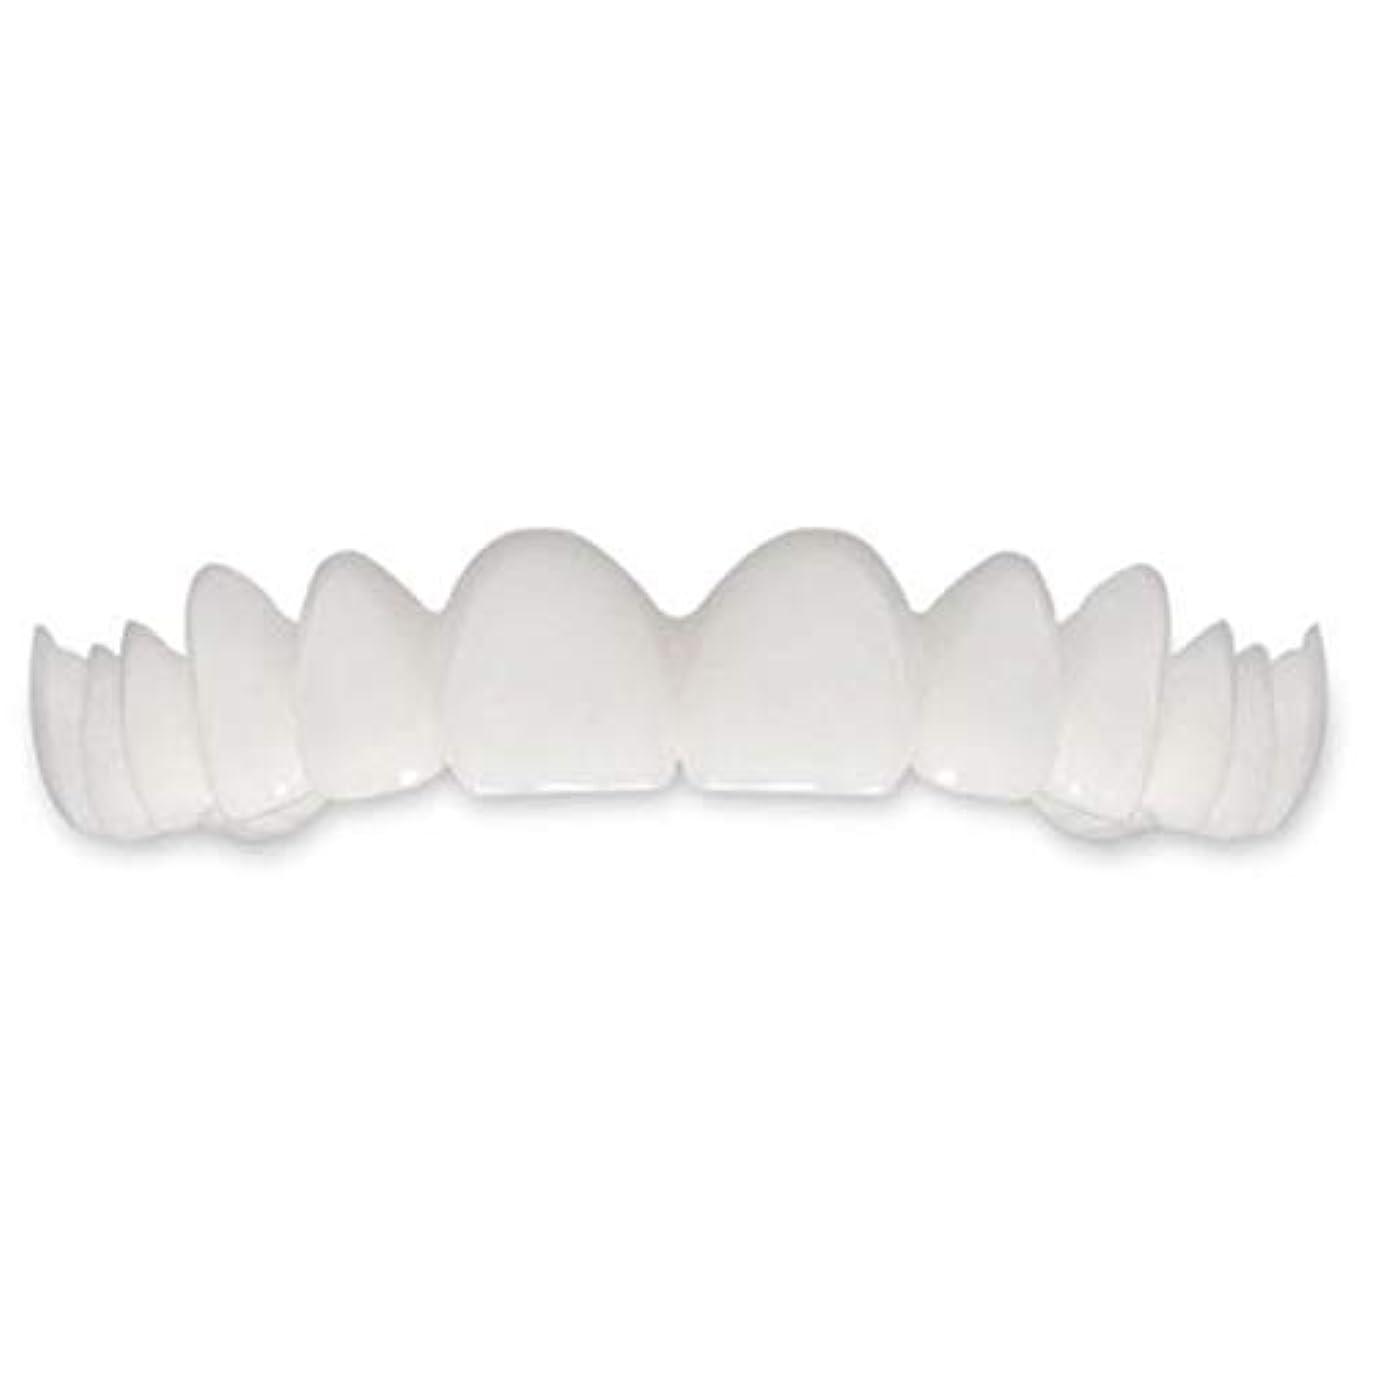 貝殻アーティストとんでもないTooth Instant Perfect Smile Flex Teeth Whitening Smile False Teeth Cover-ホワイト